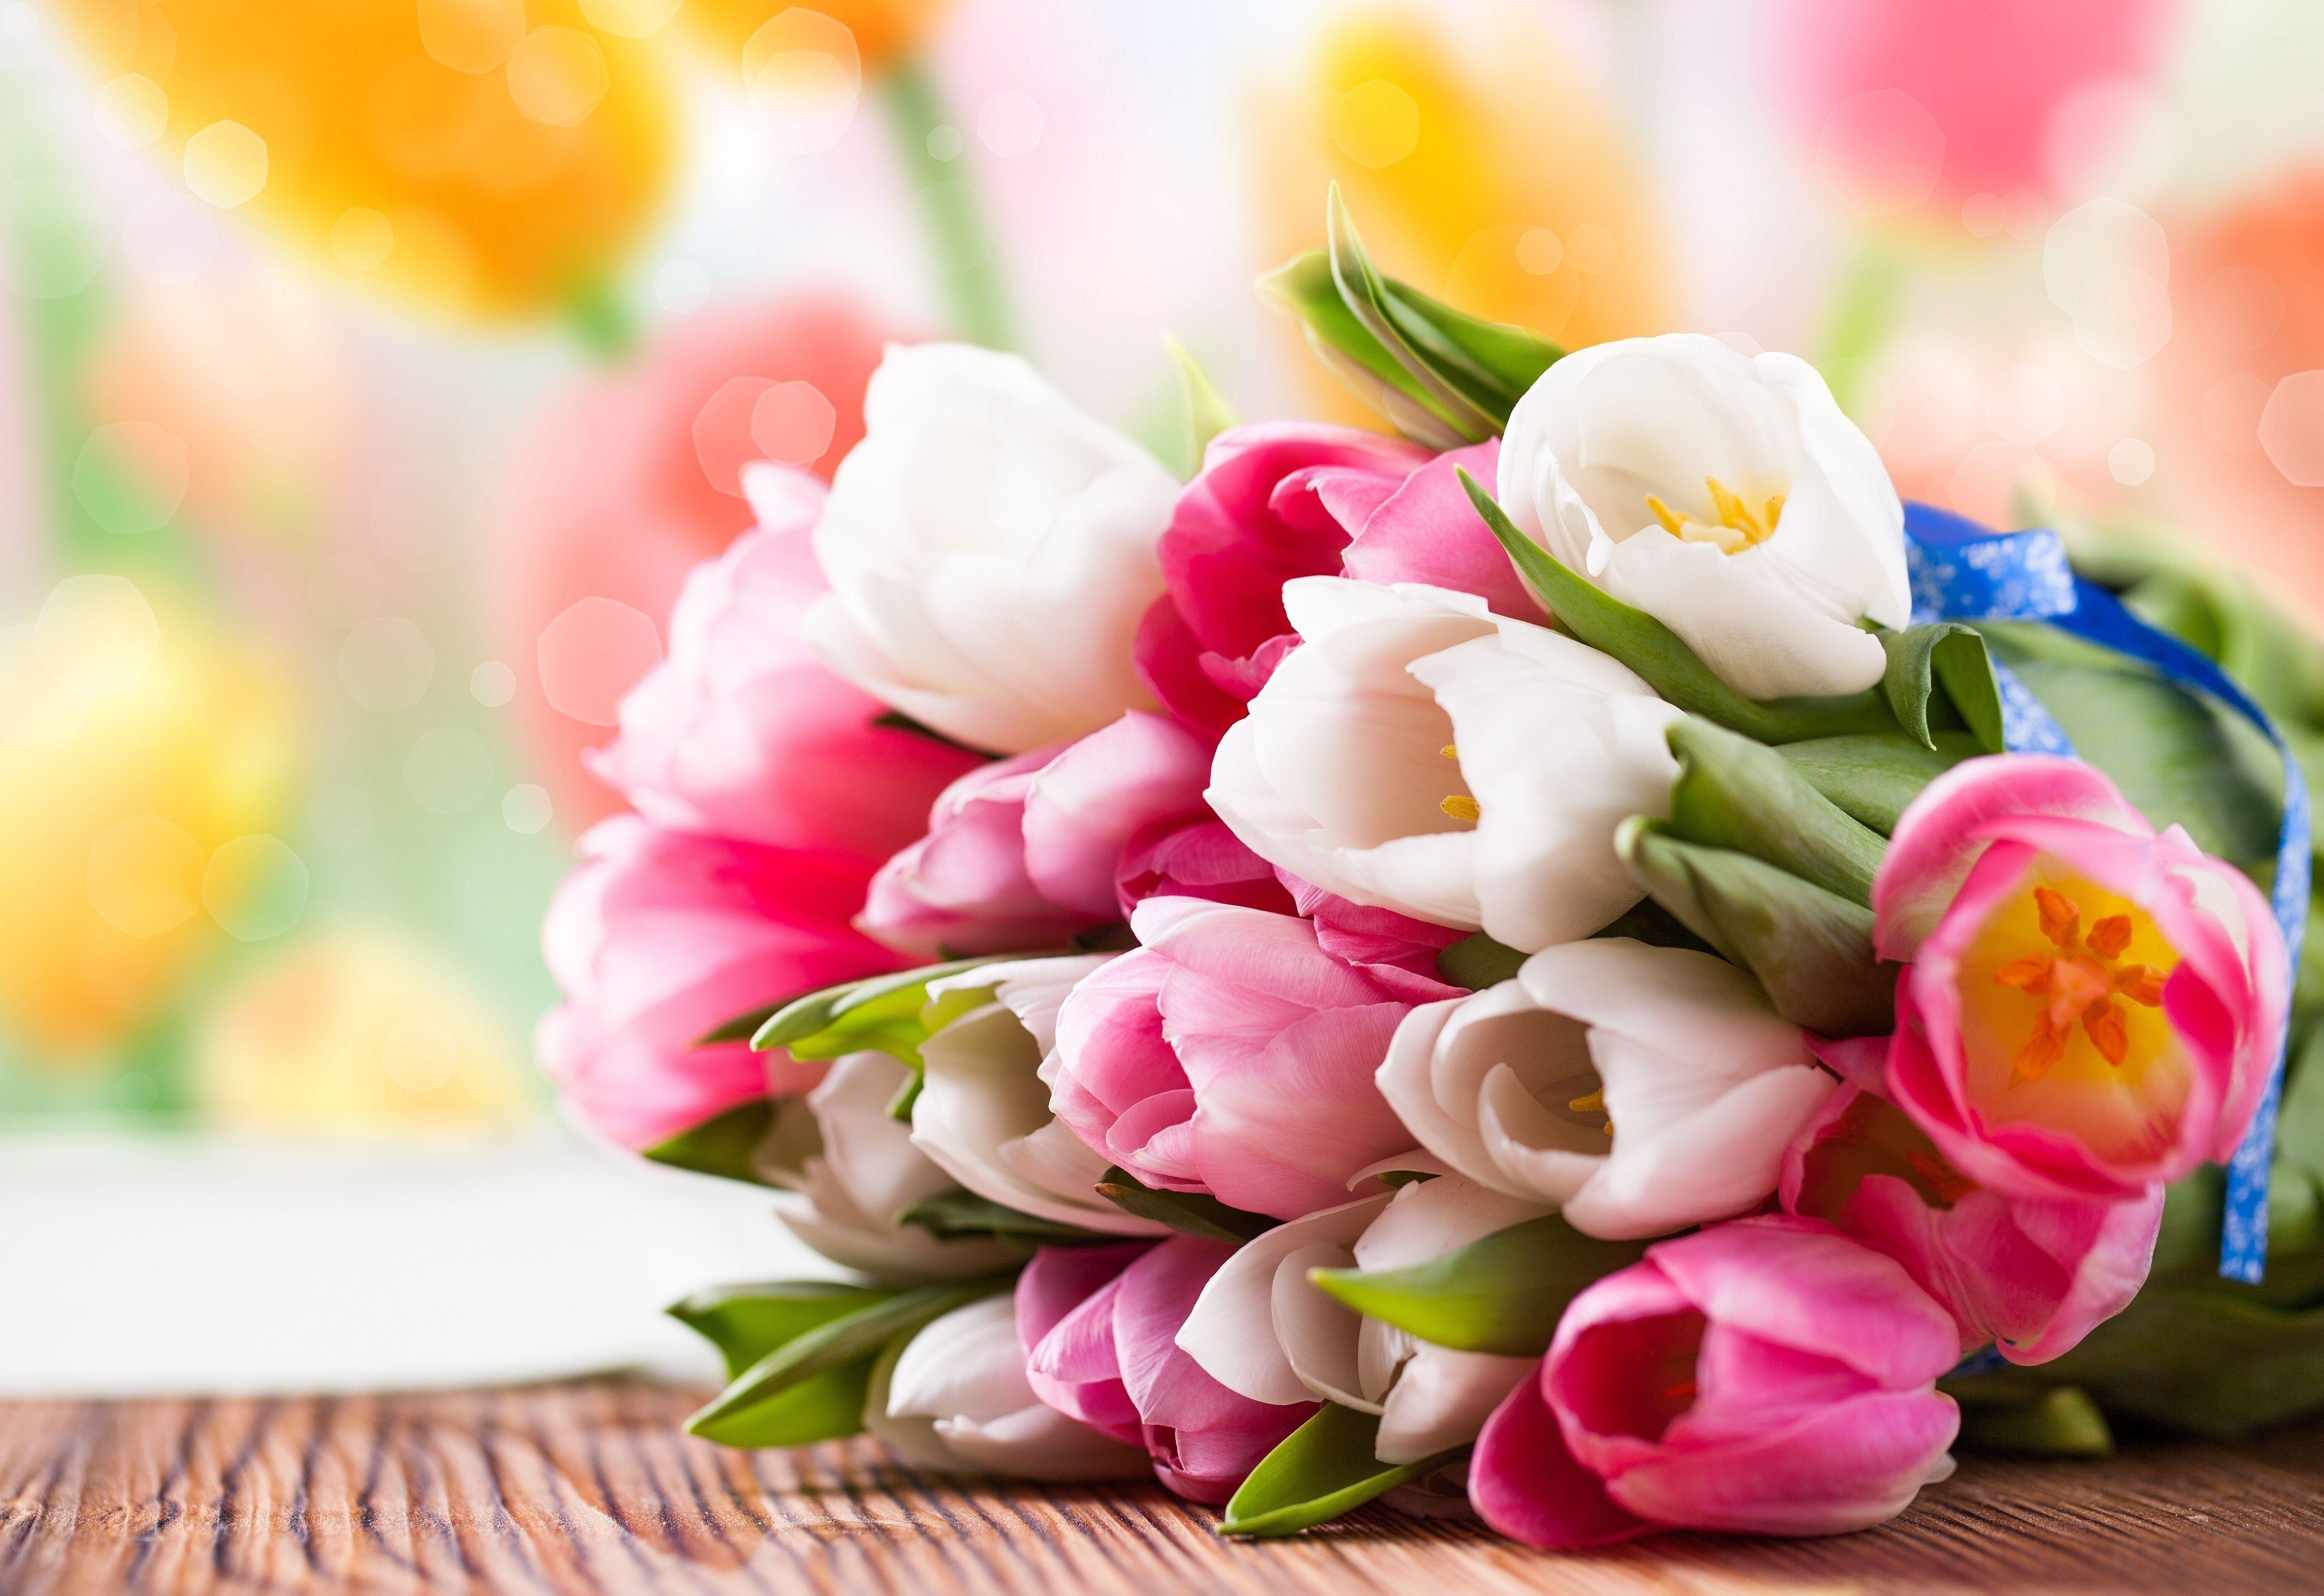 20314 скачать обои Растения, Цветы, Тюльпаны, Букеты - заставки и картинки бесплатно